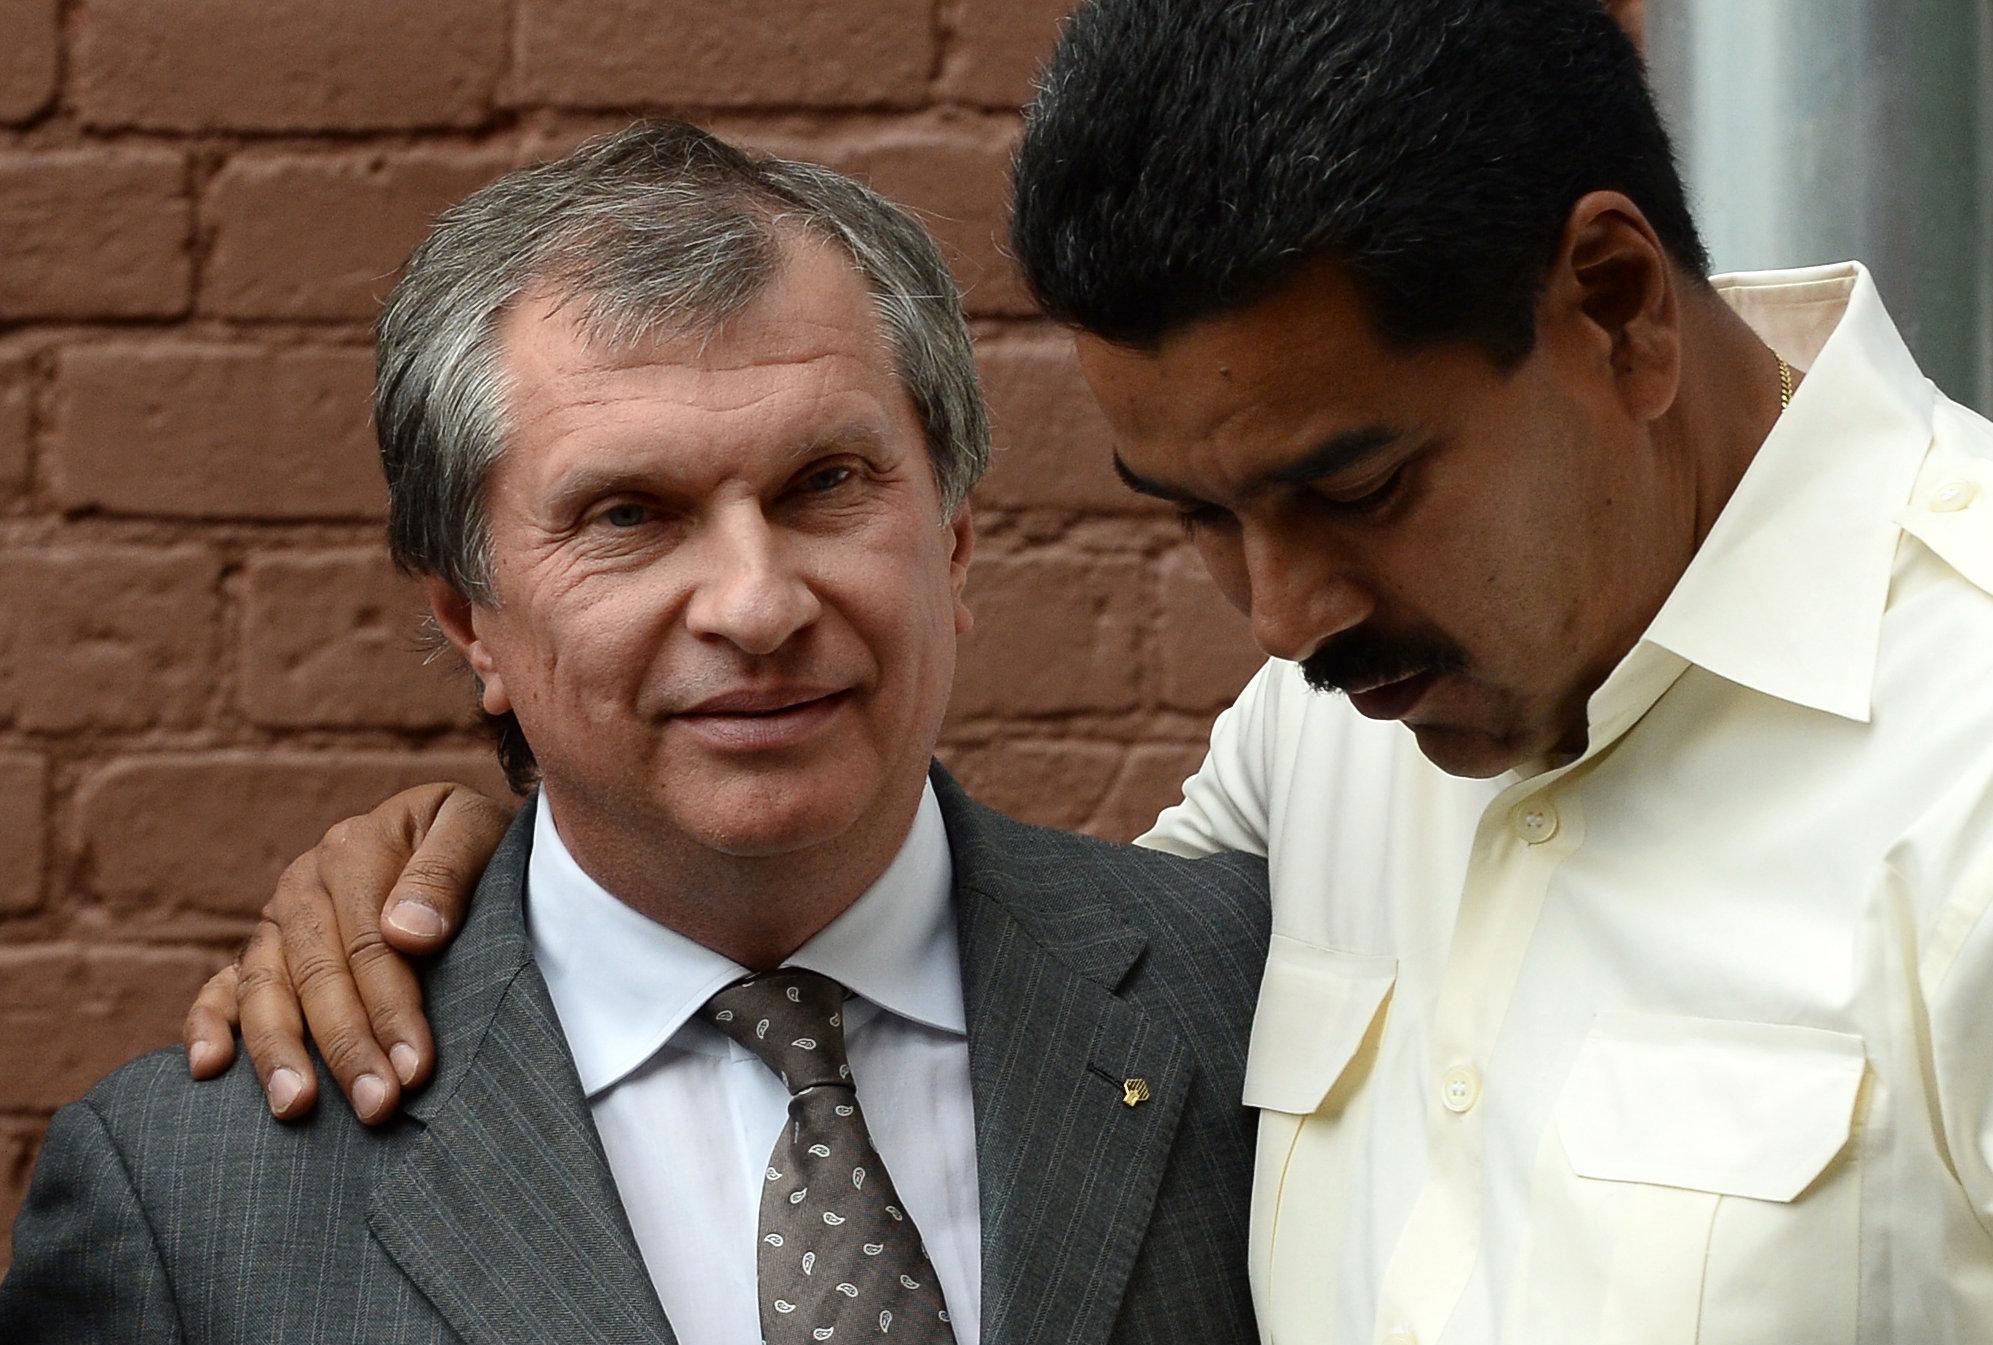 Nicolás Maduro, presidente de Venezuela, e Ígor Sechin, director de la empresa estatal de petróleo Rosneft